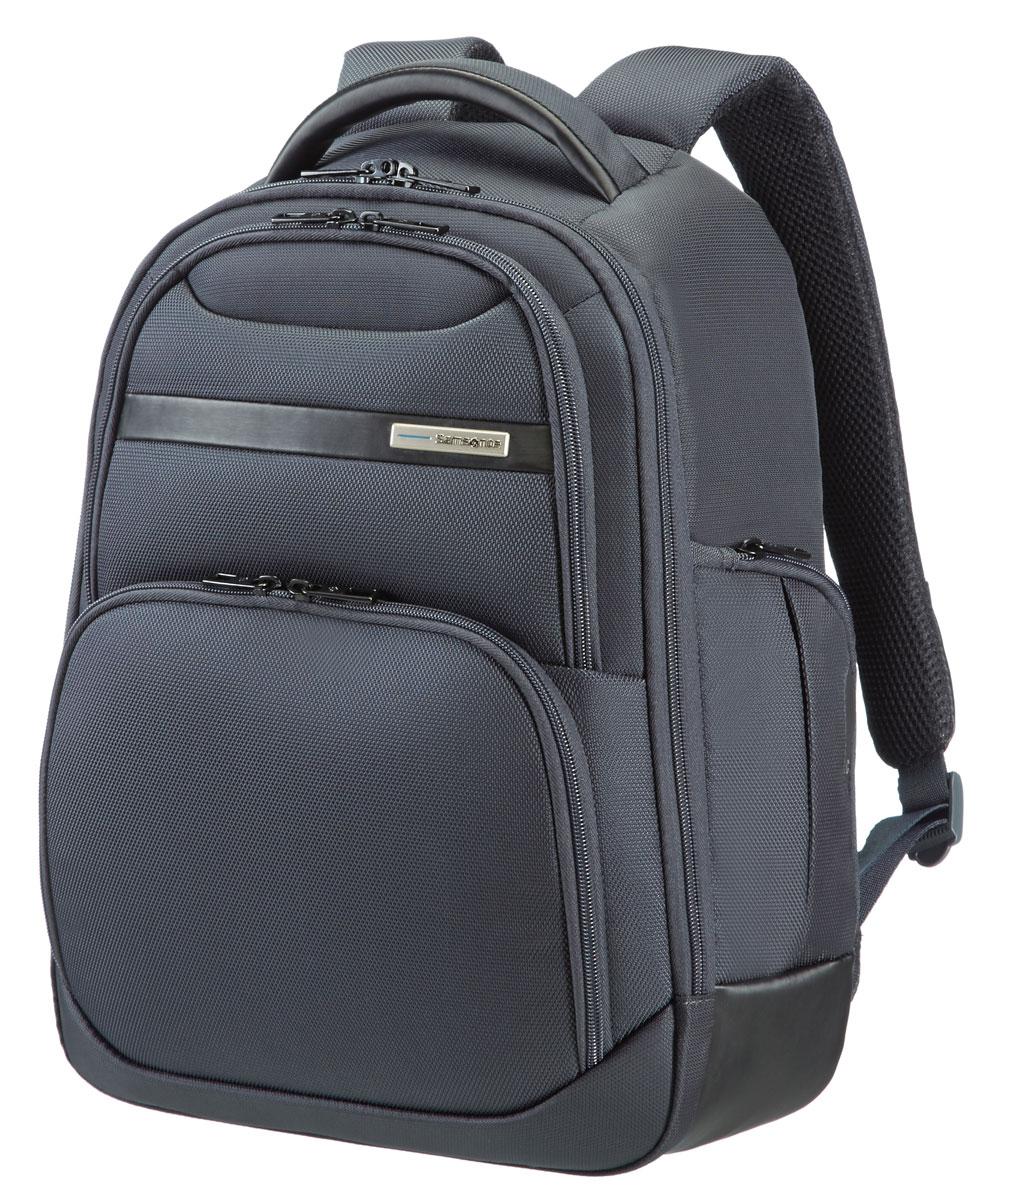 Рюкзак для ноутбука Samsonite, цвет: темно-серый, 15 л, 31,5 х 17,5 х 42 см39V*08007Сочетание прочного полиэстера и элементов полиуретана с отполированной металлической фурнитурой;потайной карман для хранения; удобные и хорошо организованные модели рюкзаков